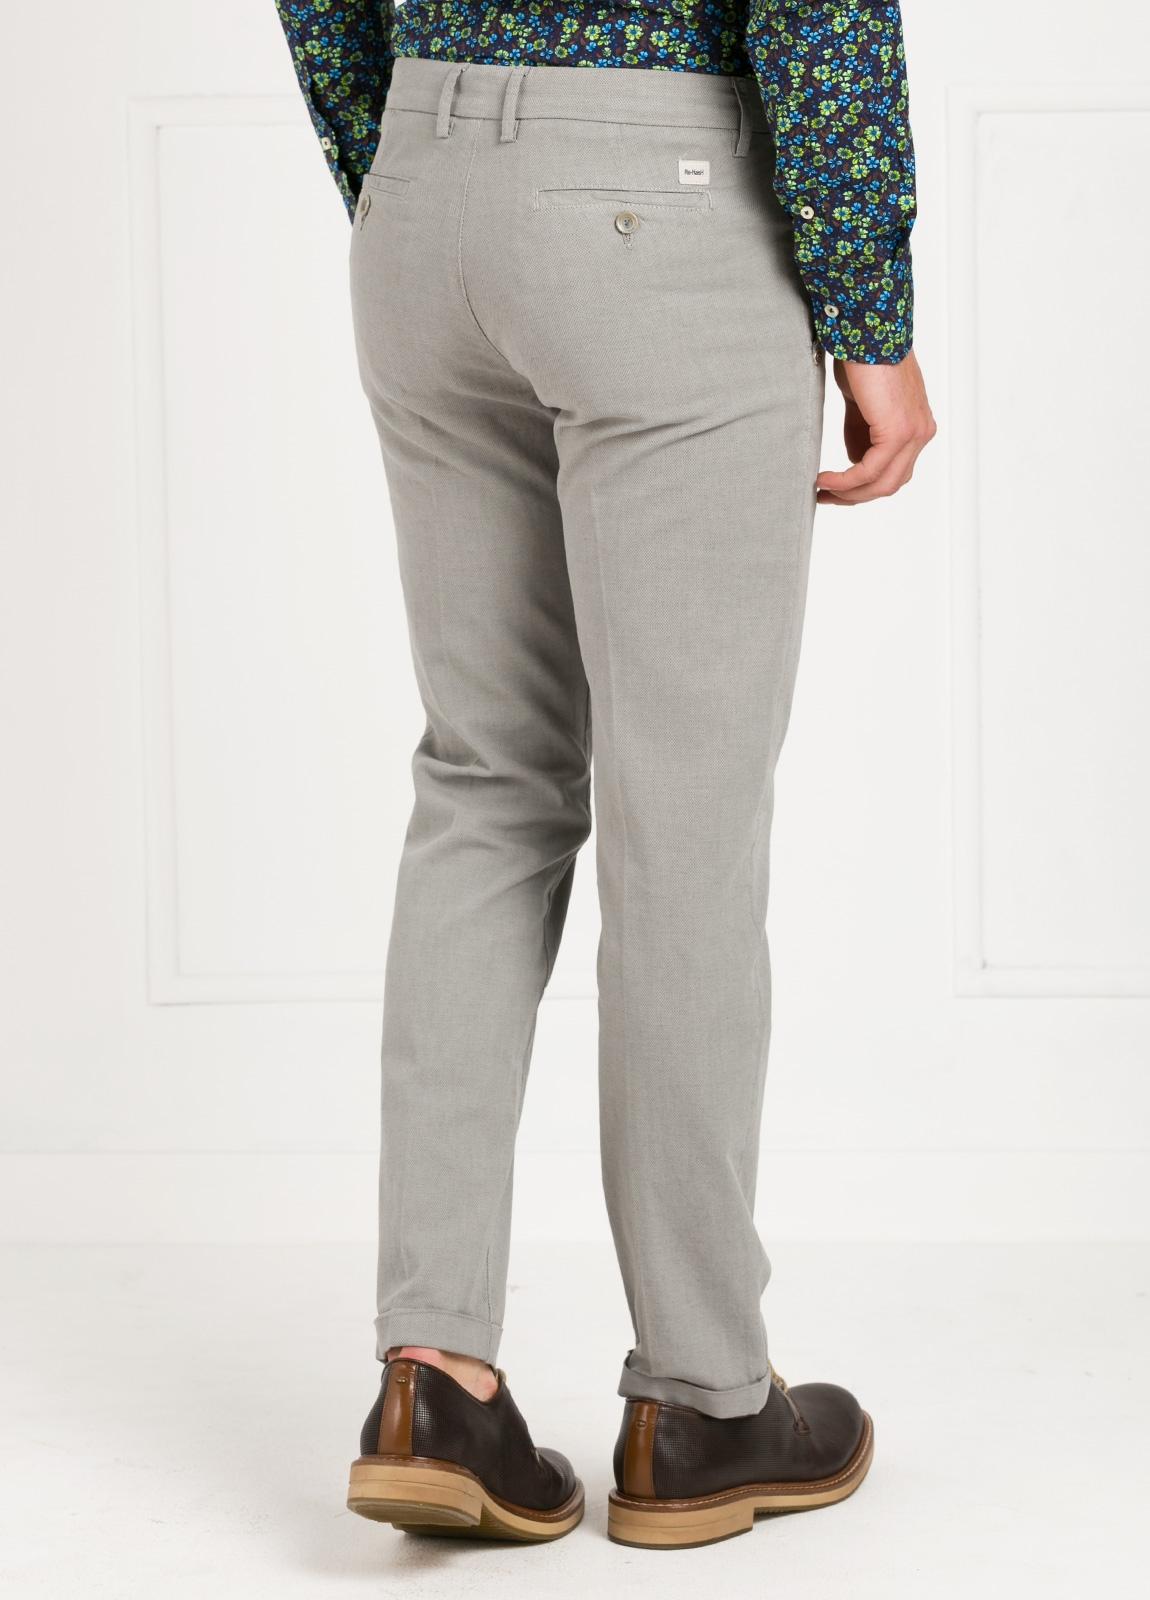 Pantalón sport modelo MUCHA P294 color gris. Algodón y elastáno. - Ítem2